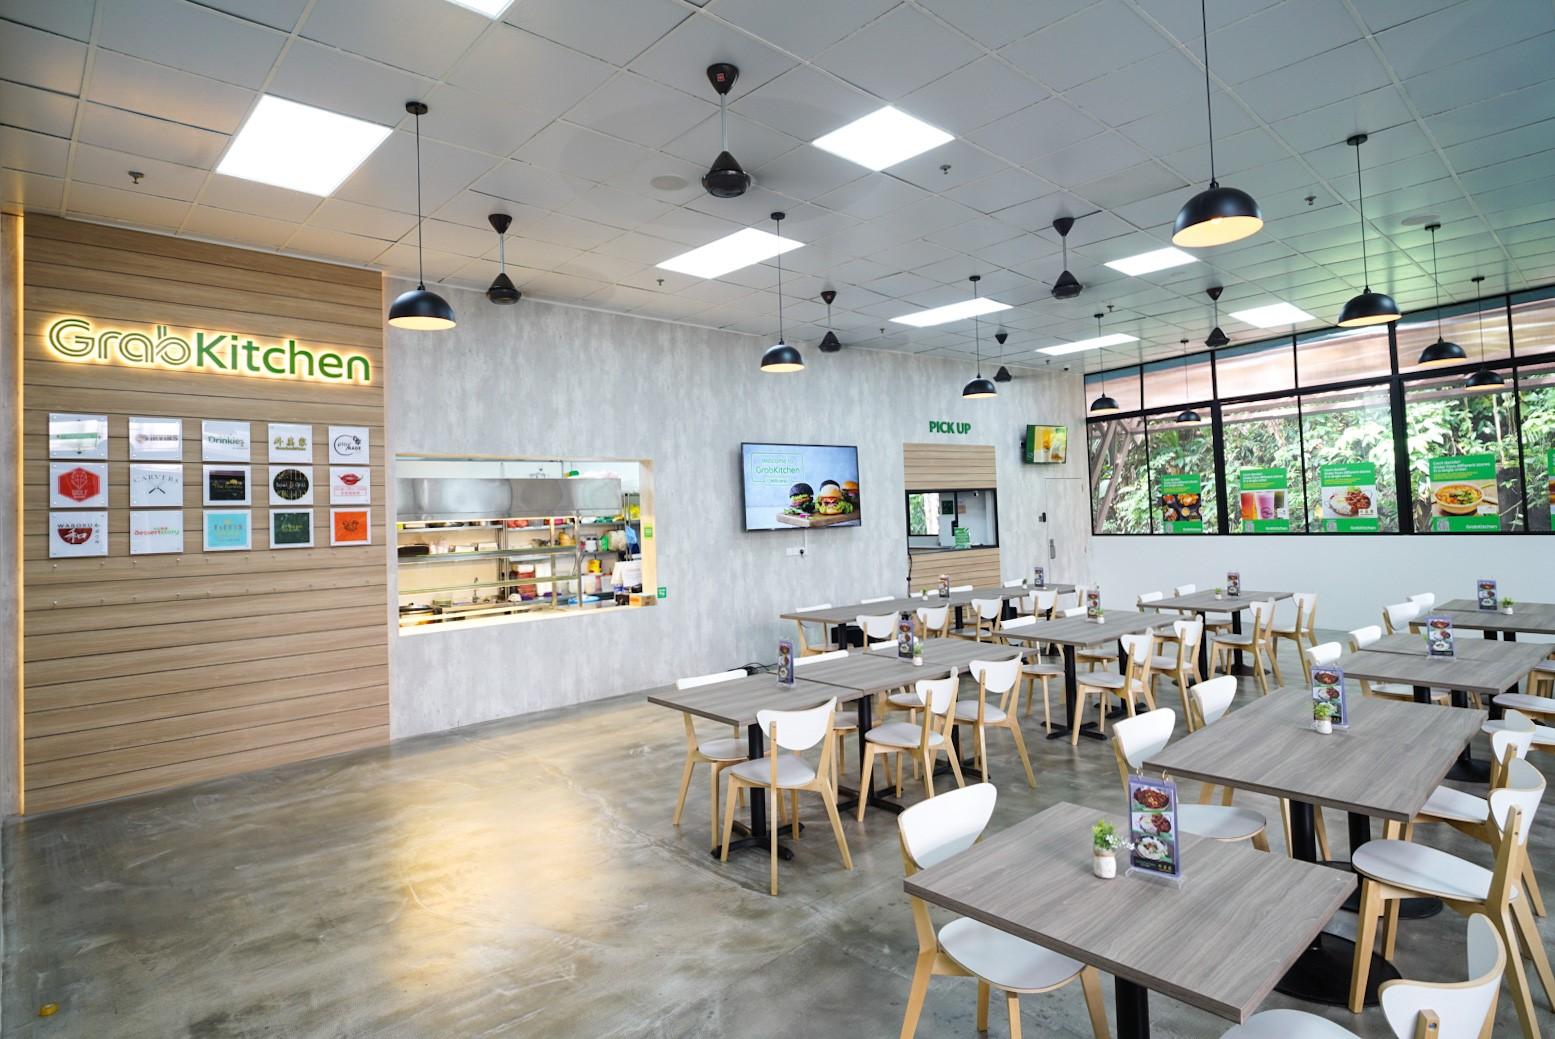 Cloud Kitchen tham gia cuộc đua cùng Grab, GoJek marketingreview.vn 1